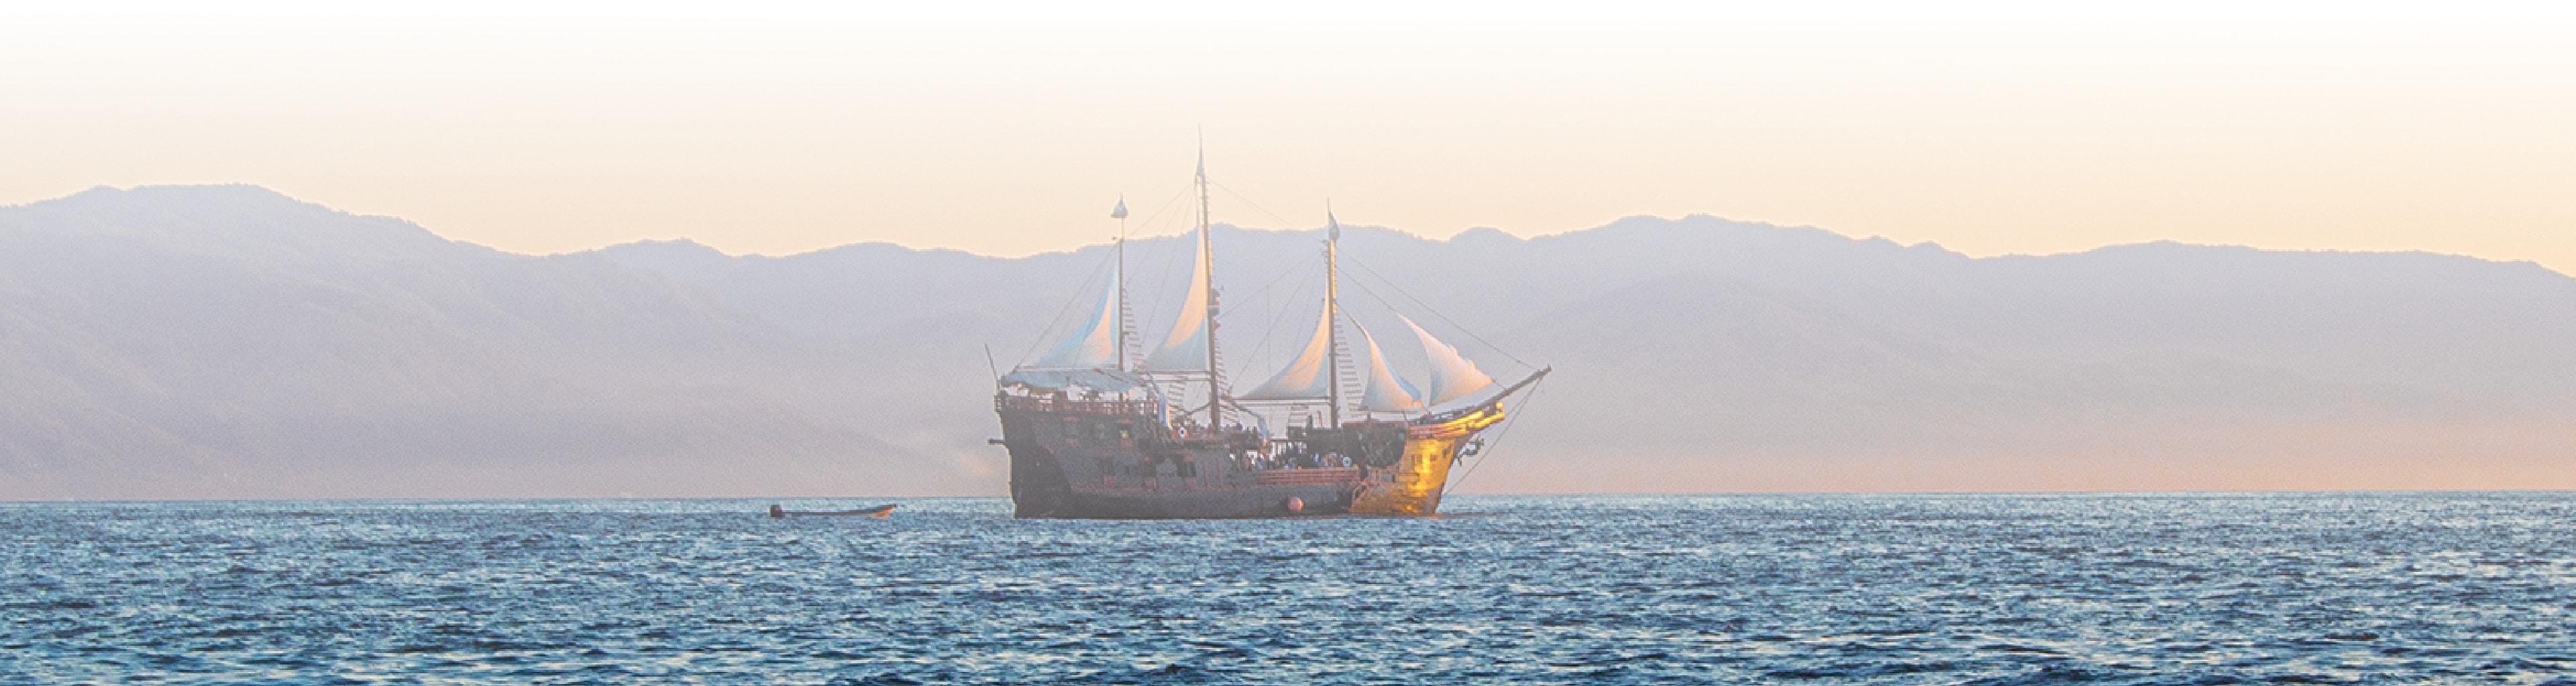 Puerto Vallarta Covid19